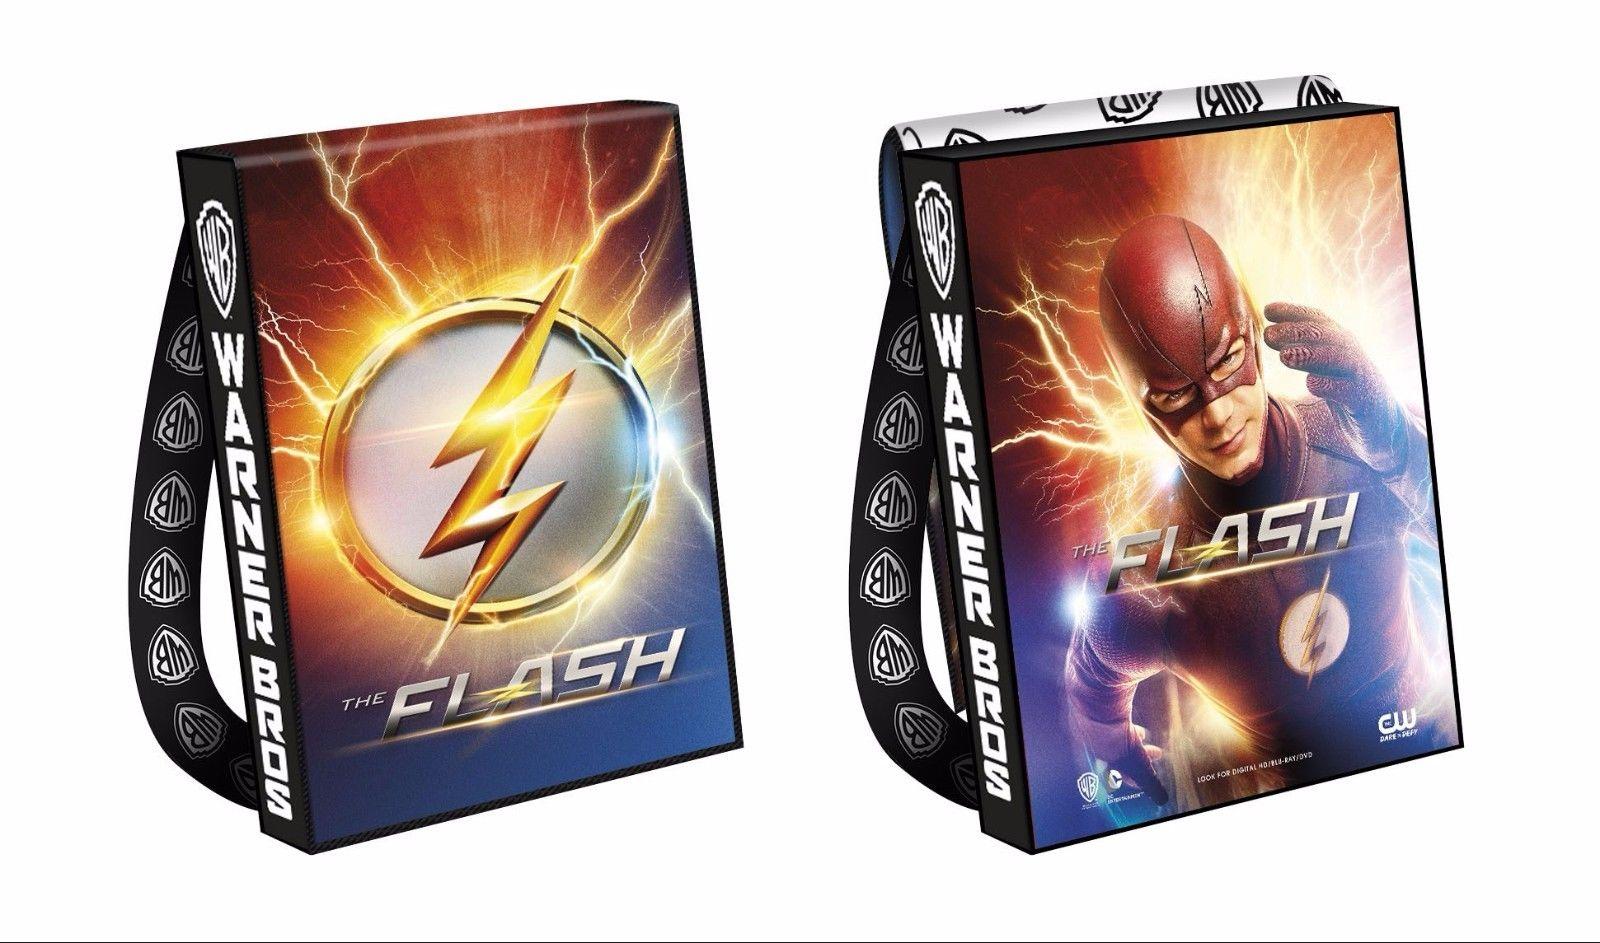 sac-comic-con-the-flash